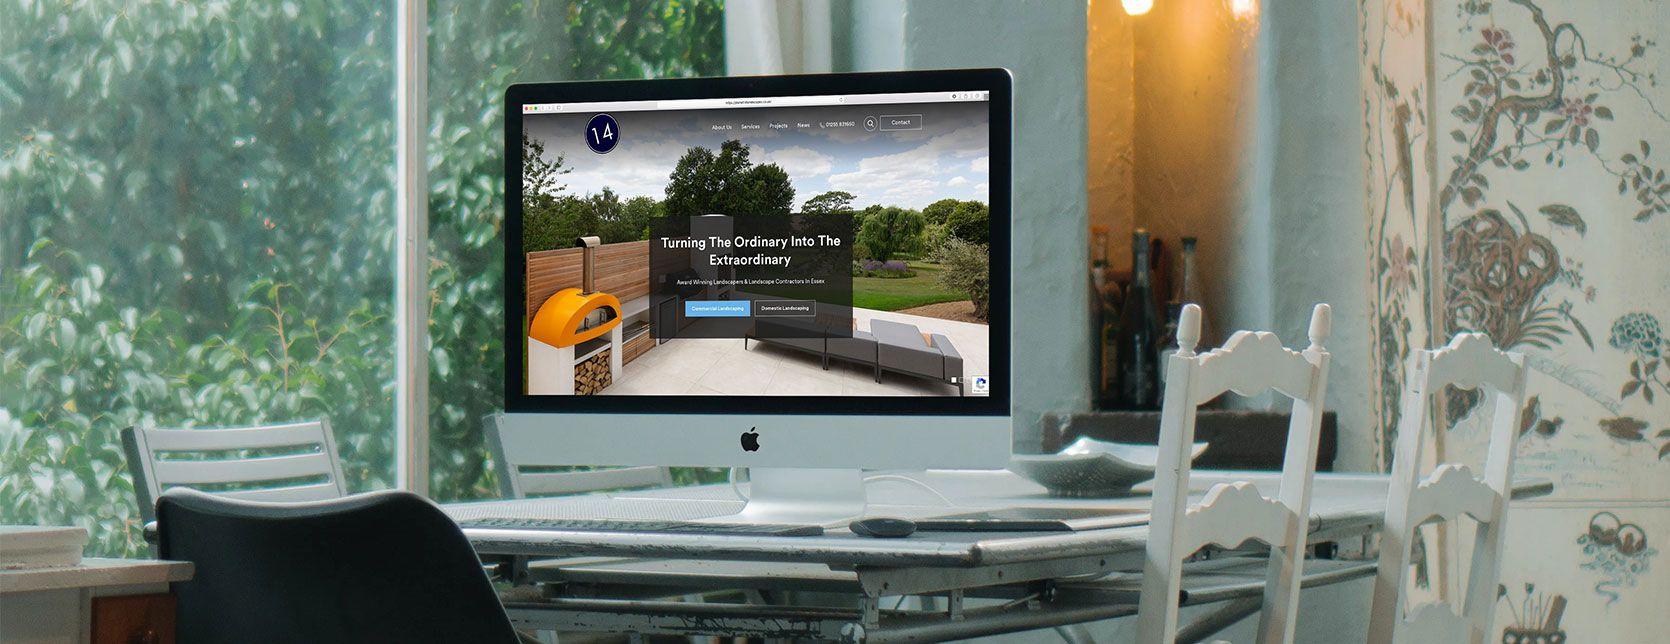 Planet 14 Landscapes - Web Design Case Study